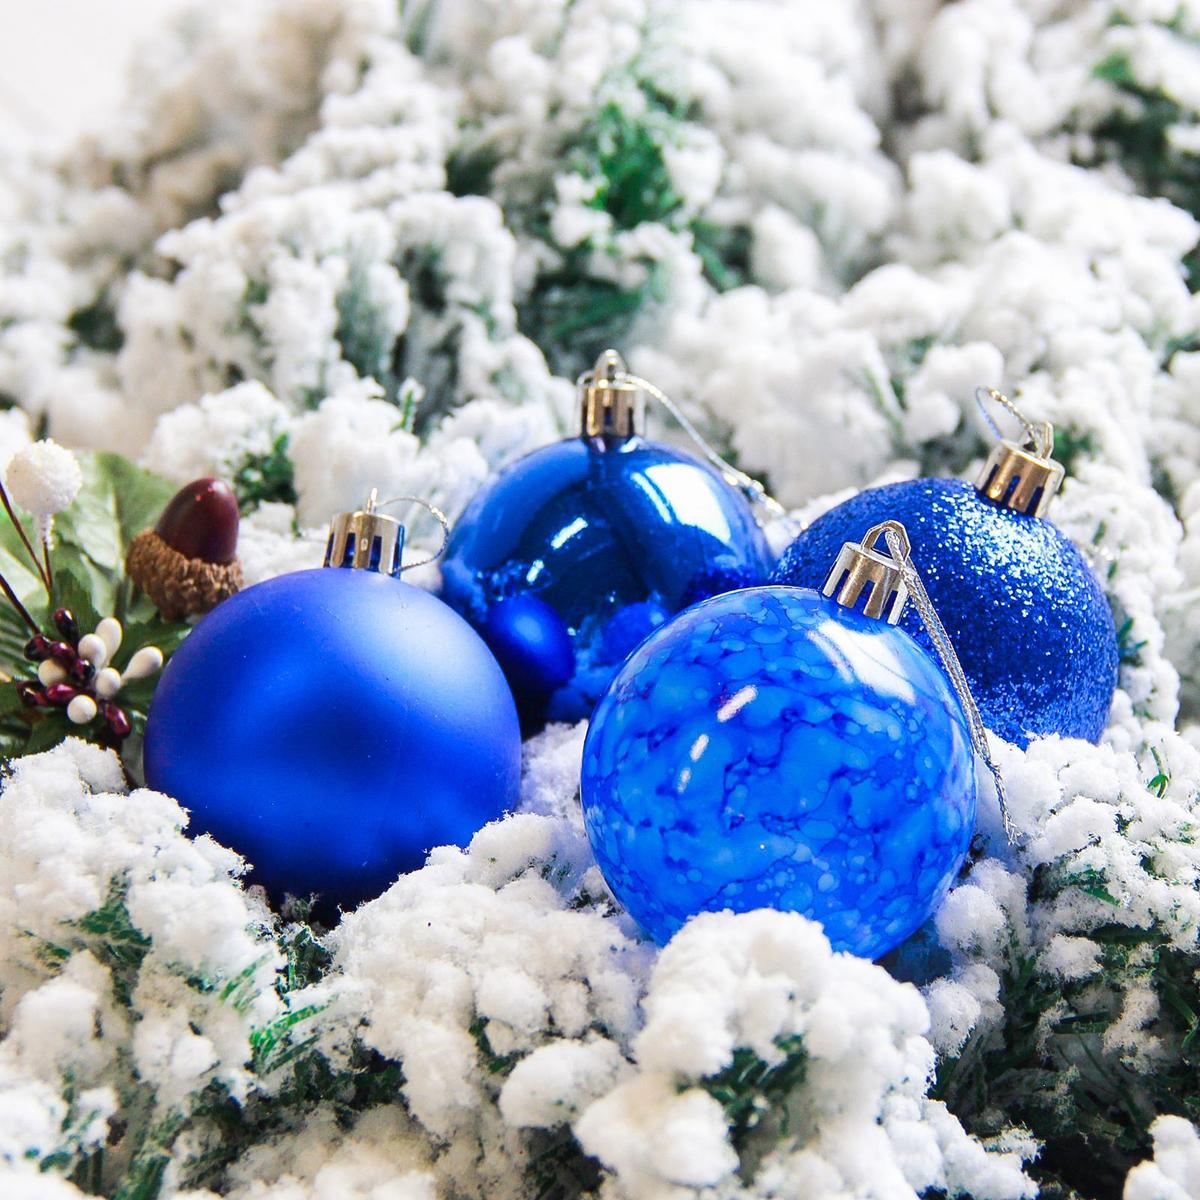 Набор новогодних подвесных украшений Sima-land Фрэско, цвет: синий, диаметр 6 см, 16 шт2178242Набор новогодних подвесных украшений Sima-land отлично подойдет для декорации вашего дома и новогодней ели. С помощью специальной петельки украшение можно повесить в любом понравившемся вам месте. Но, конечно, удачнее всего оно будет смотреться на праздничной елке. Елочная игрушка - символ Нового года. Она несет в себе волшебство и красоту праздника. Создайте в своем доме атмосферу веселья и радости, украшая новогоднюю елку нарядными игрушками, которые будут из года в год накапливать теплоту воспоминаний.